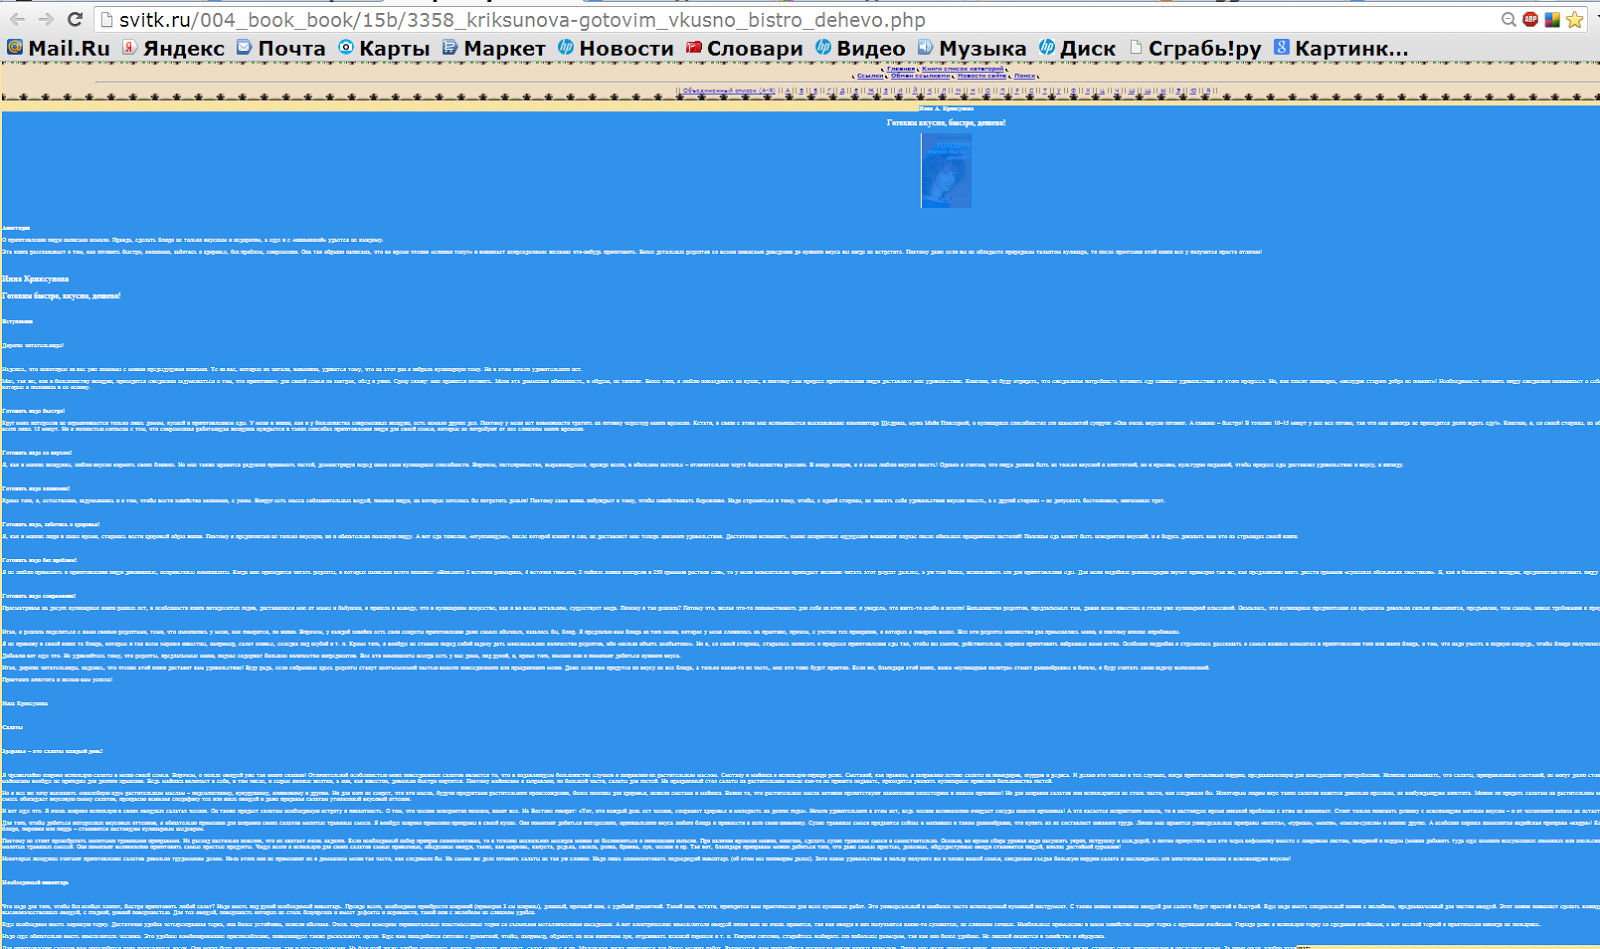 Как скачать формат фактори с официального сайта - 4447